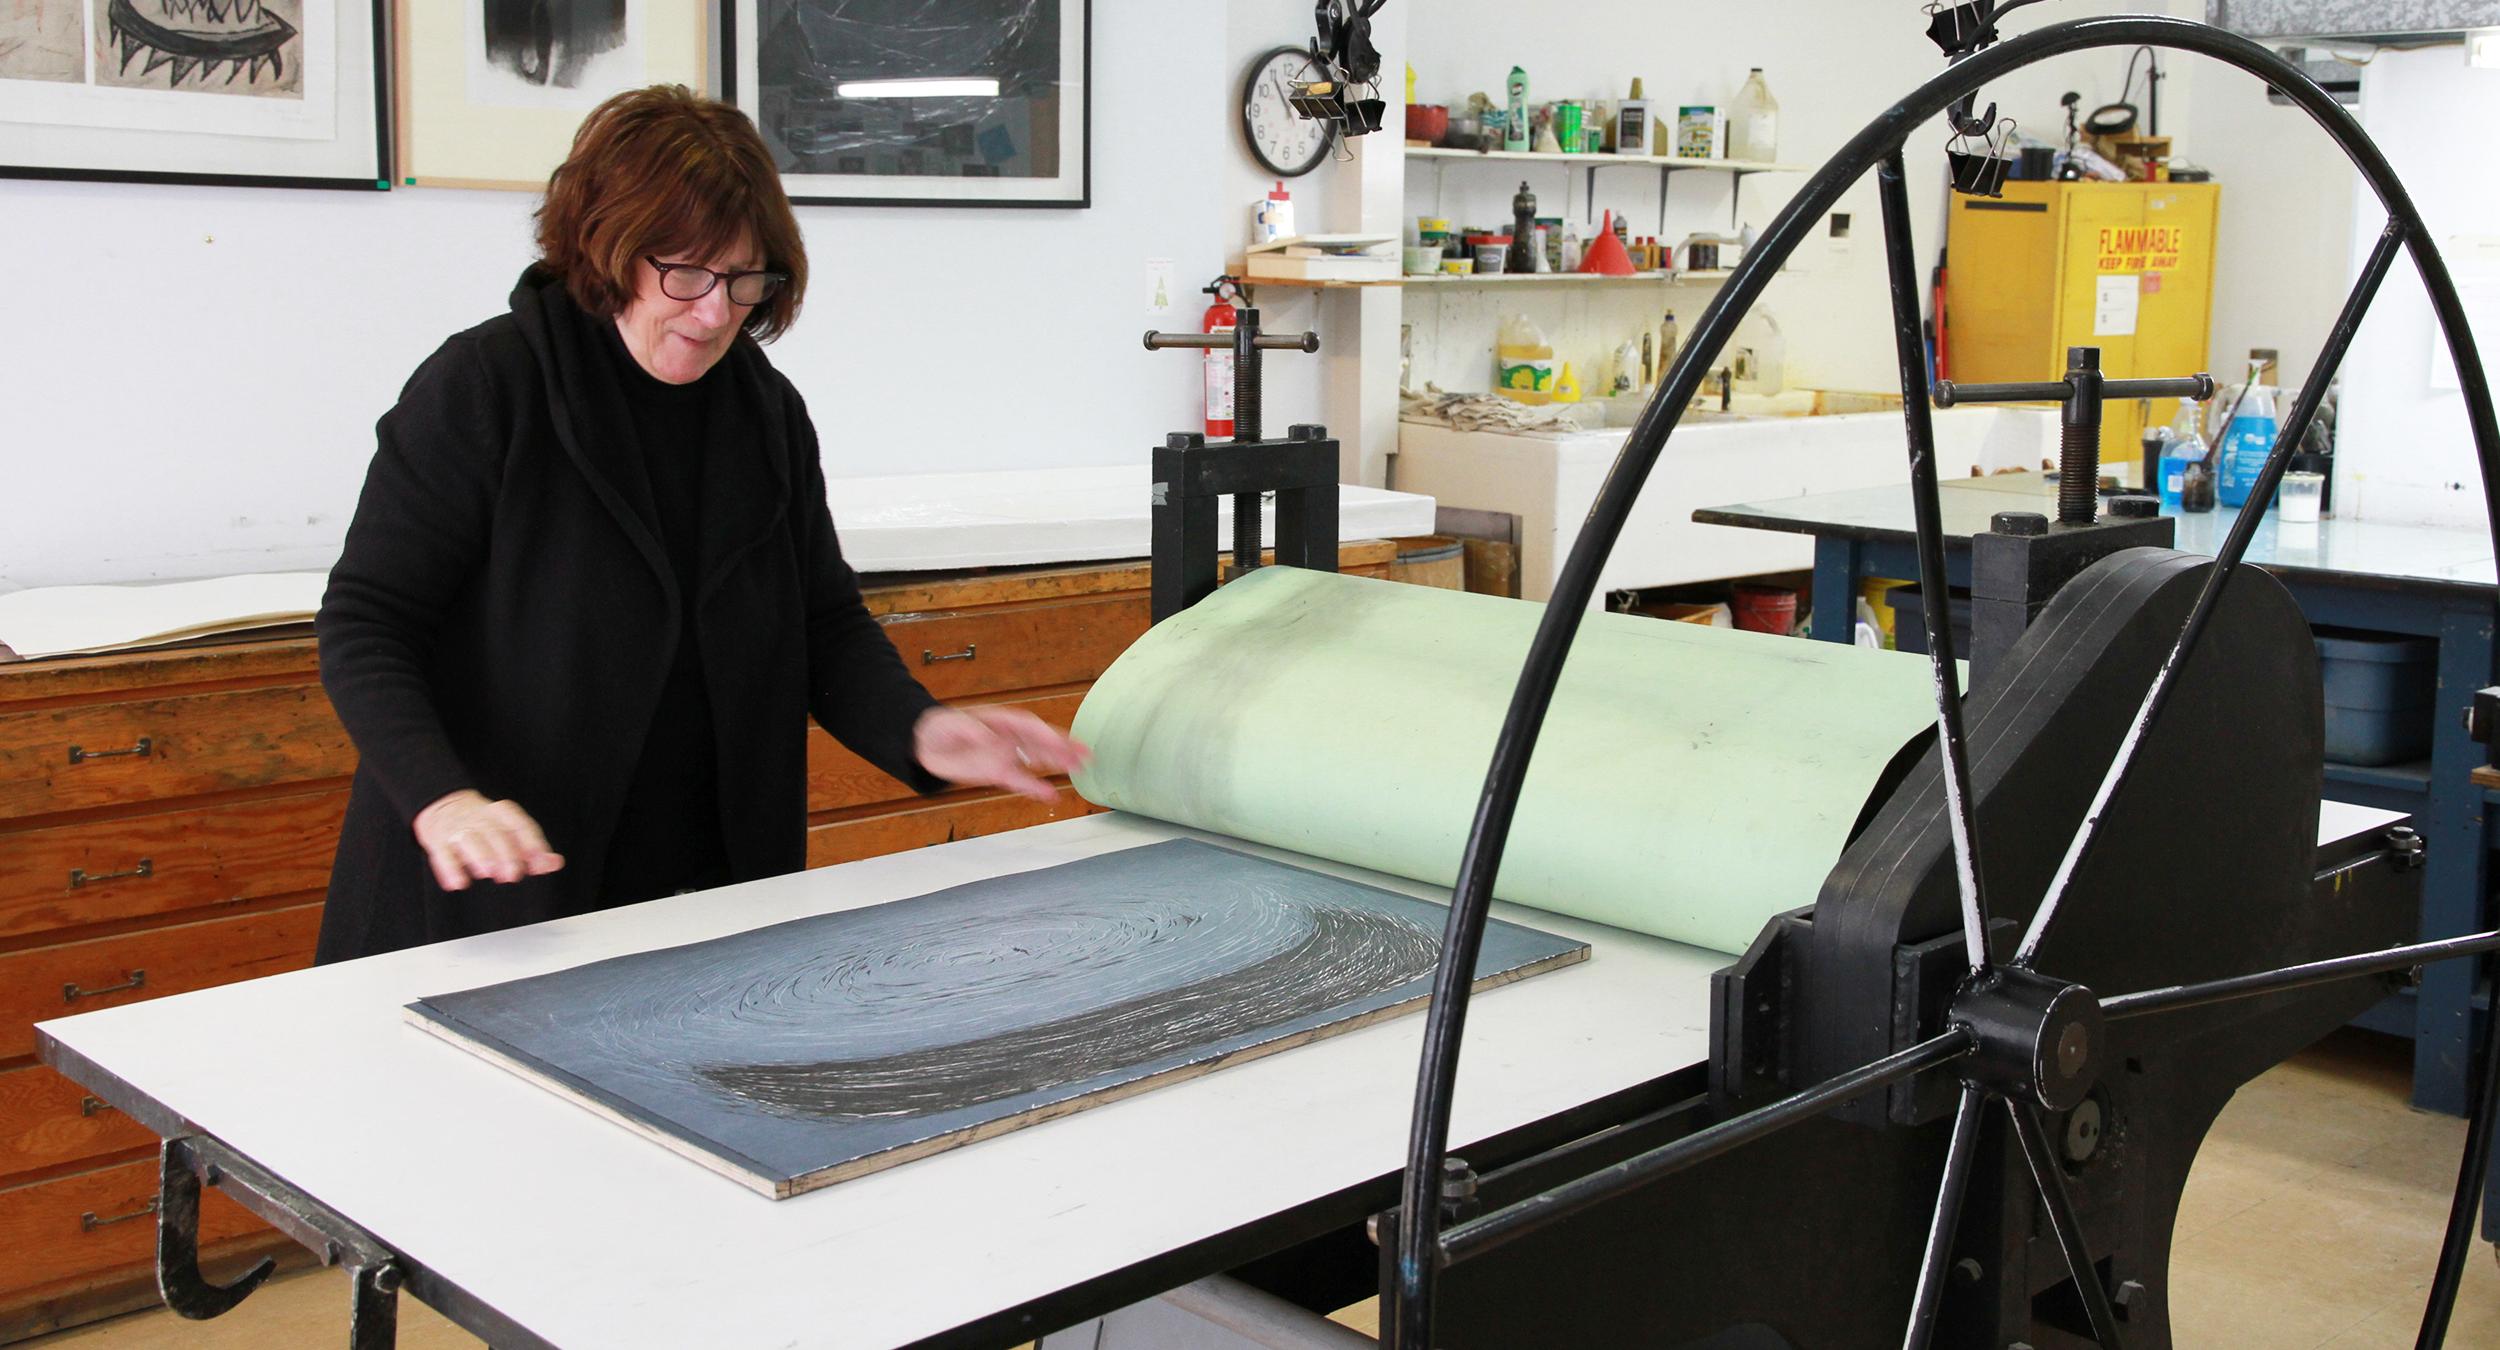 Aline Beaudoin au travail. Technique d'estampe : gravure sur bois.  Qu'est-ce que c'est? Crédit photo : Catherine Leblond.